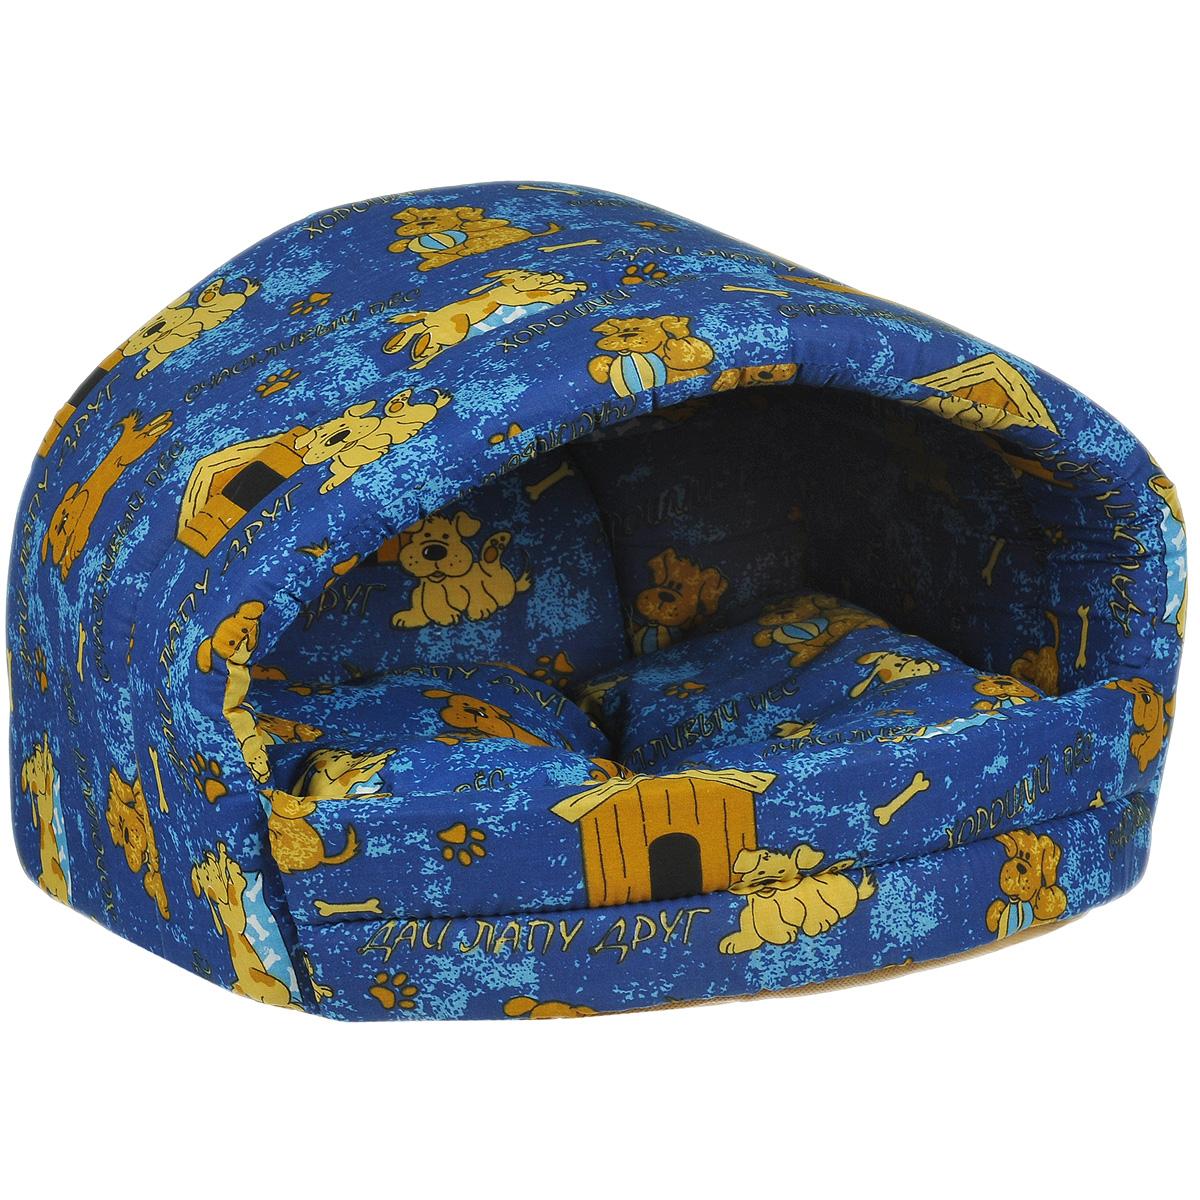 Домик для кошек и собак Бобровый дворик Эстрада №1. Эксклюзив, цвет: синий, 41 см х 36 см х 30 см37750Домик для кошек и собак Бобровый дворик Эстрада №1 обязательно понравится вашему питомцу. Домик предназначен для собак мелких пород и кошек. Выполнен из хлопковой ткани с красивым принтом, внутри - мягкий наполнитель из мебельного поролона и спанбонда. Стежка надежно удерживает наполнитель внутри и не позволяет ему скатываться. Домик очень удобный и уютный, он оснащен мягкой съемной подстилкой из синтепона. Ваш любимец сразу же захочет забраться внутрь, там он сможет отдохнуть и спрятаться. Компактные размеры позволят поместить домик, где угодно, а приятная цветовая гамма сделает его оригинальным дополнением к любому интерьеру.